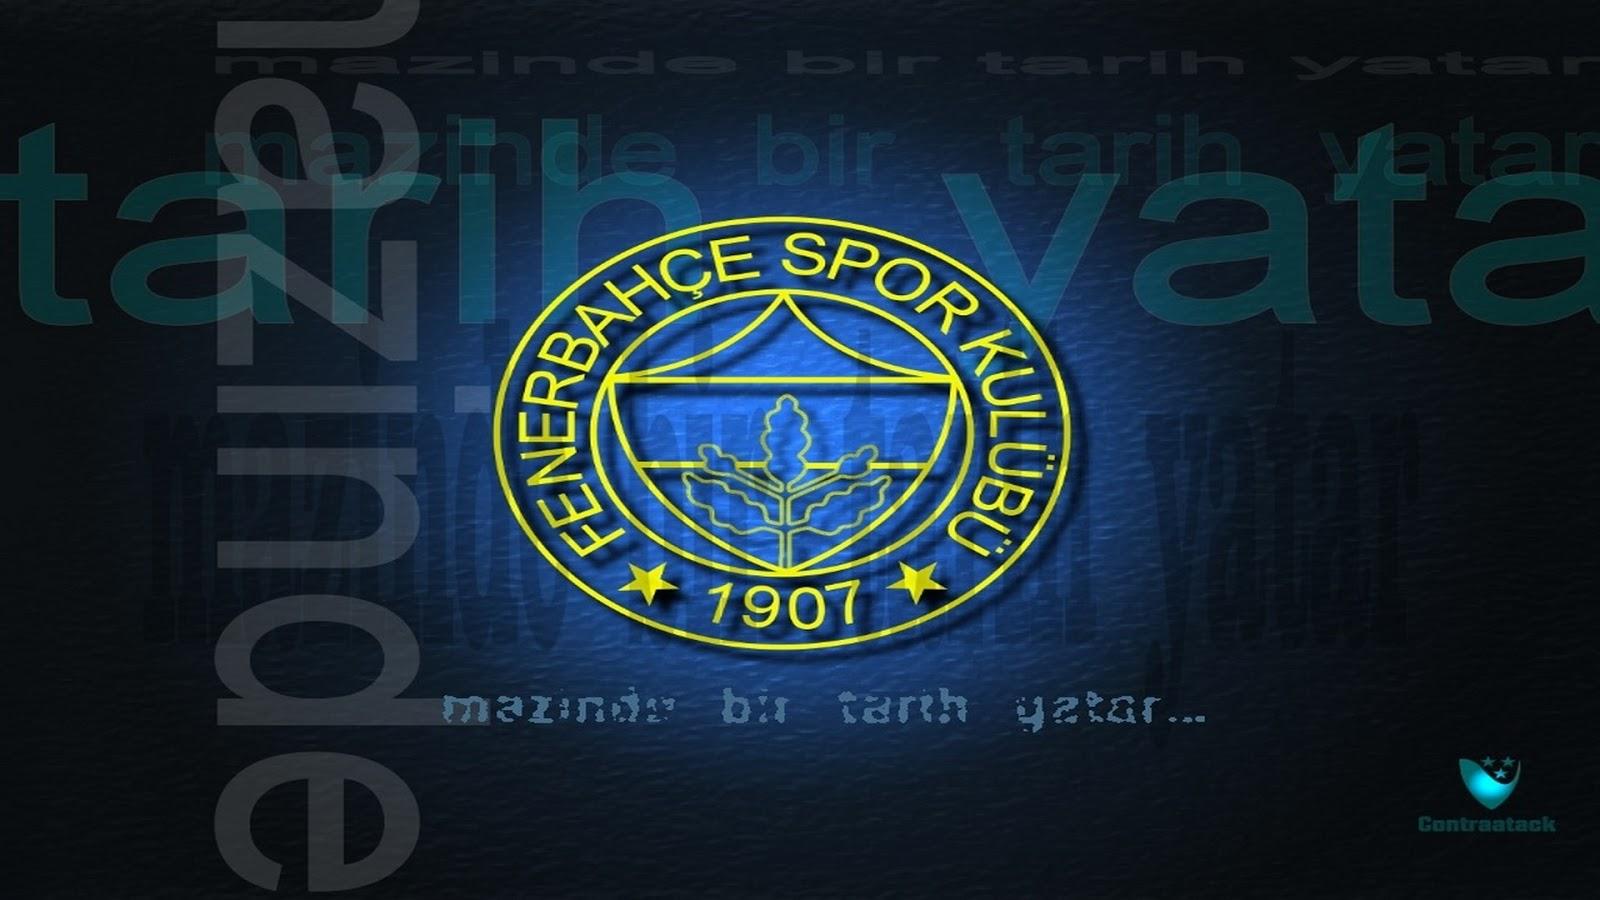 fenerbahce+resim+rooteto+17 Fenerbahçe HD Resimleri